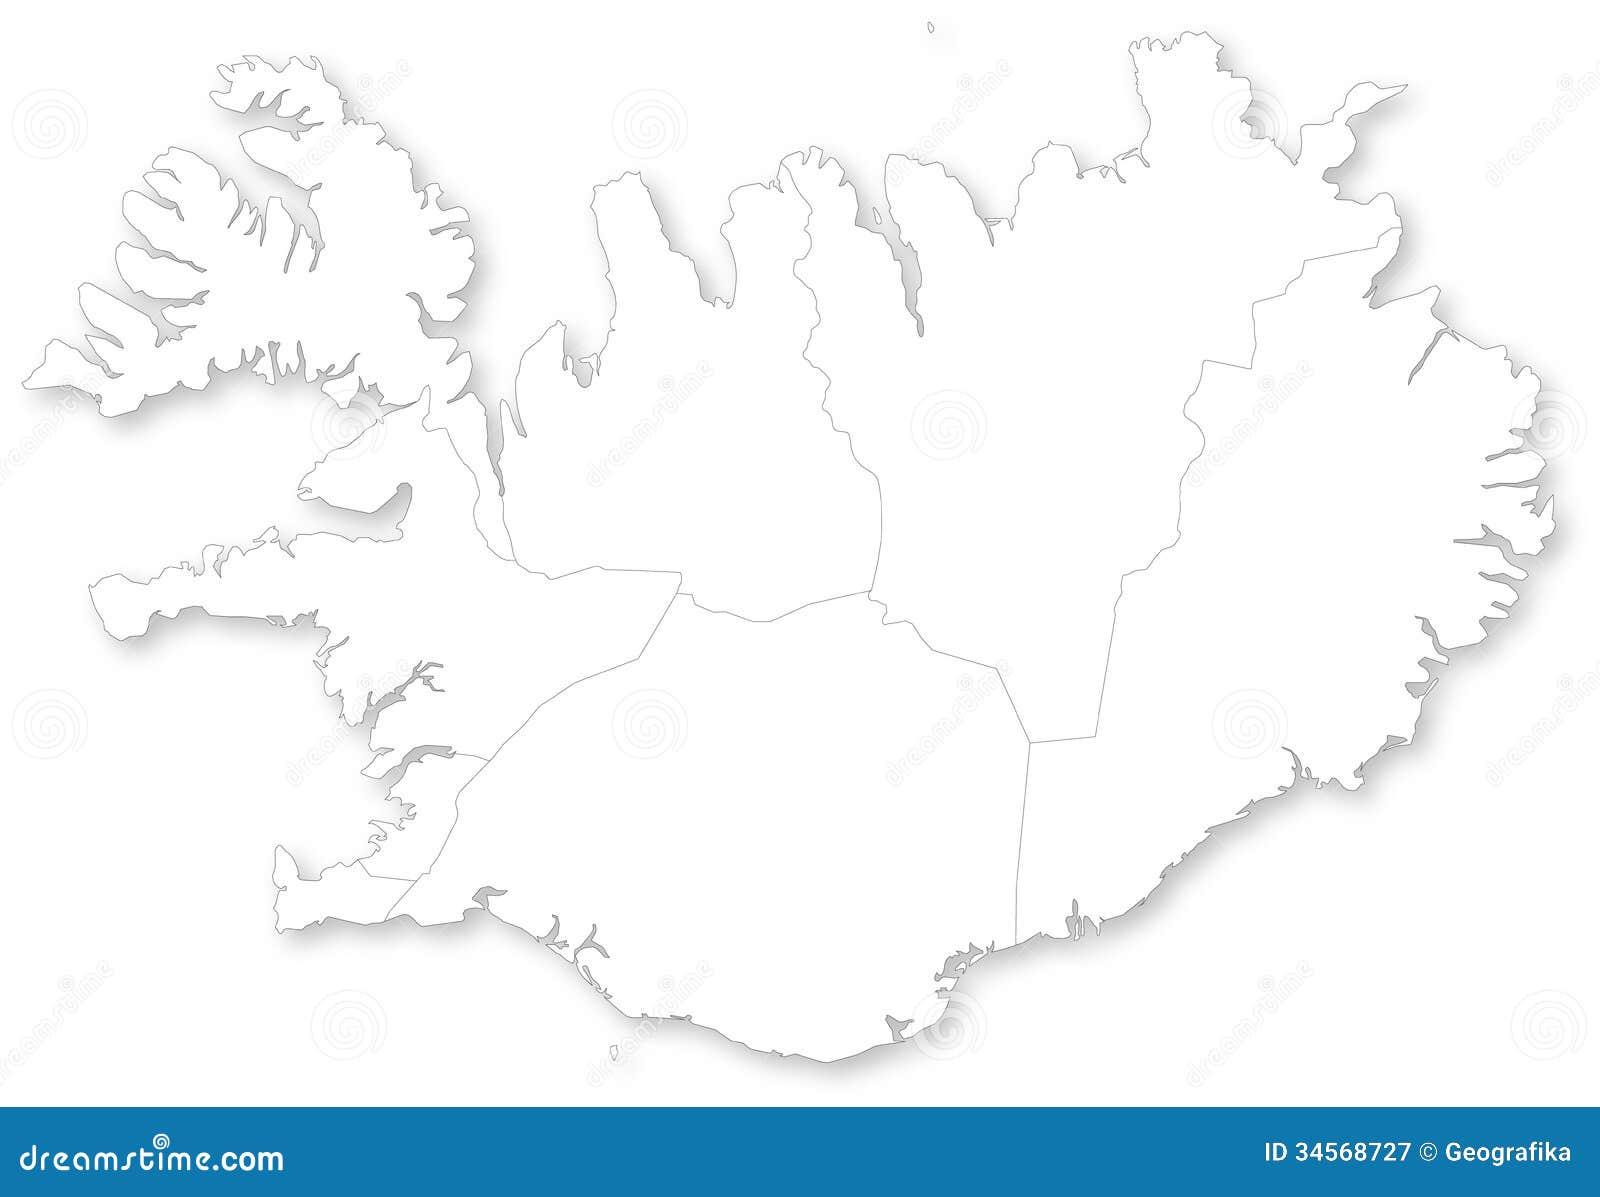 Karte von Island mit Regionen.